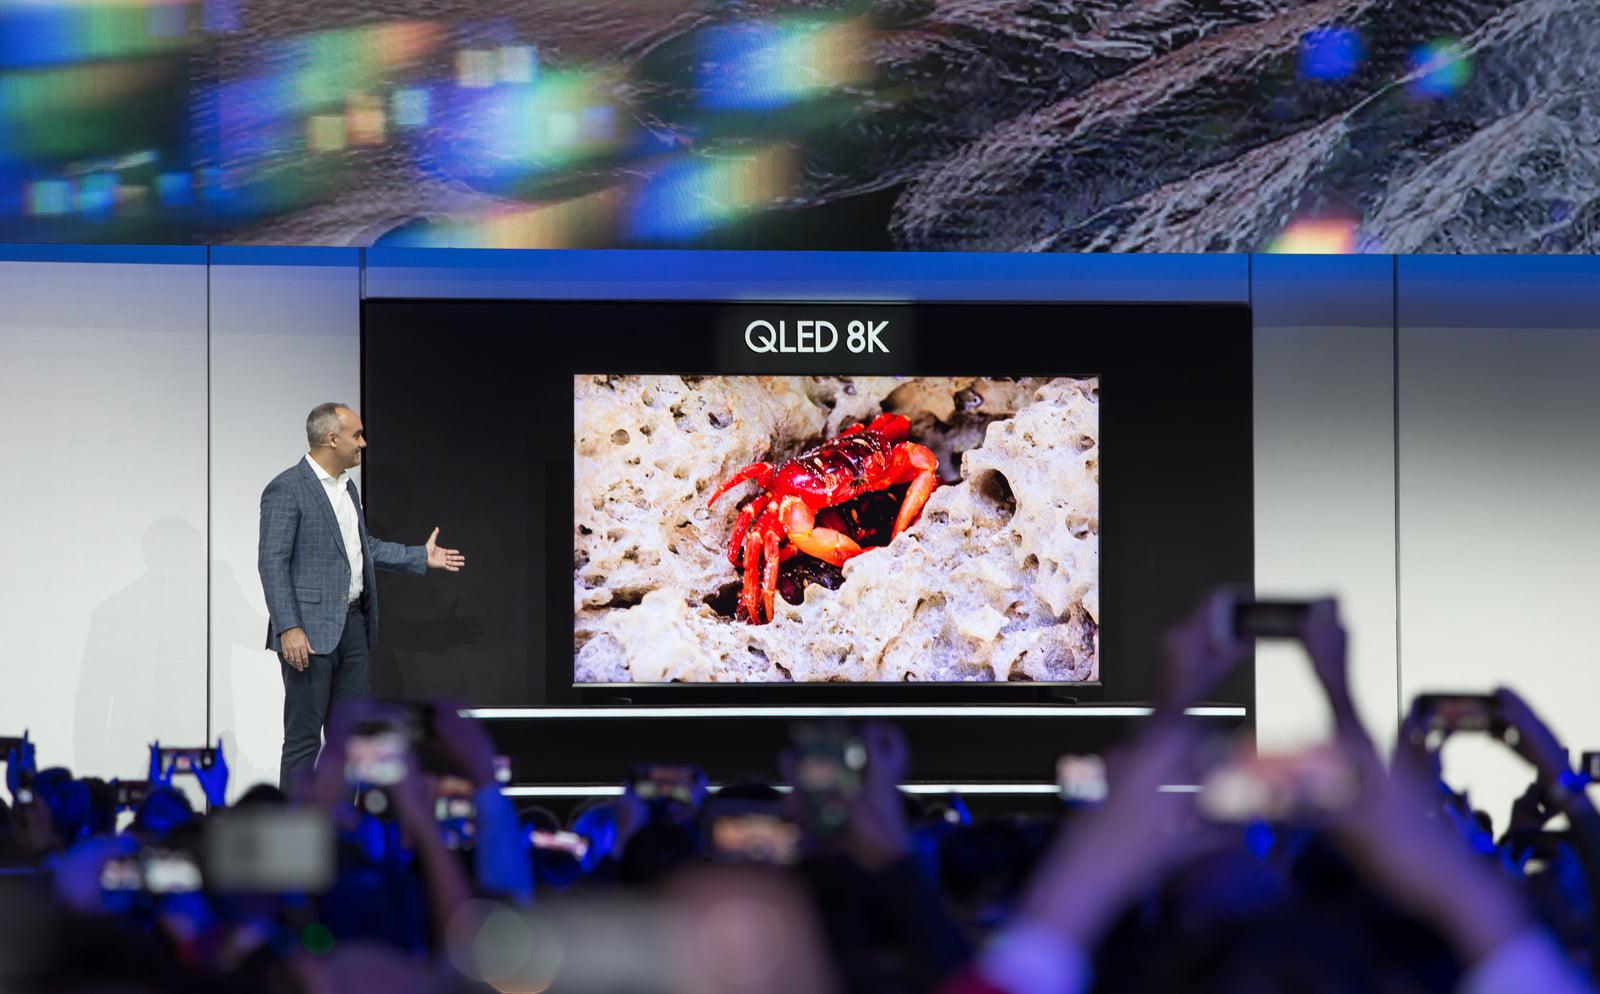 Novinkové televizory od Samsungu a LG na CES 2019